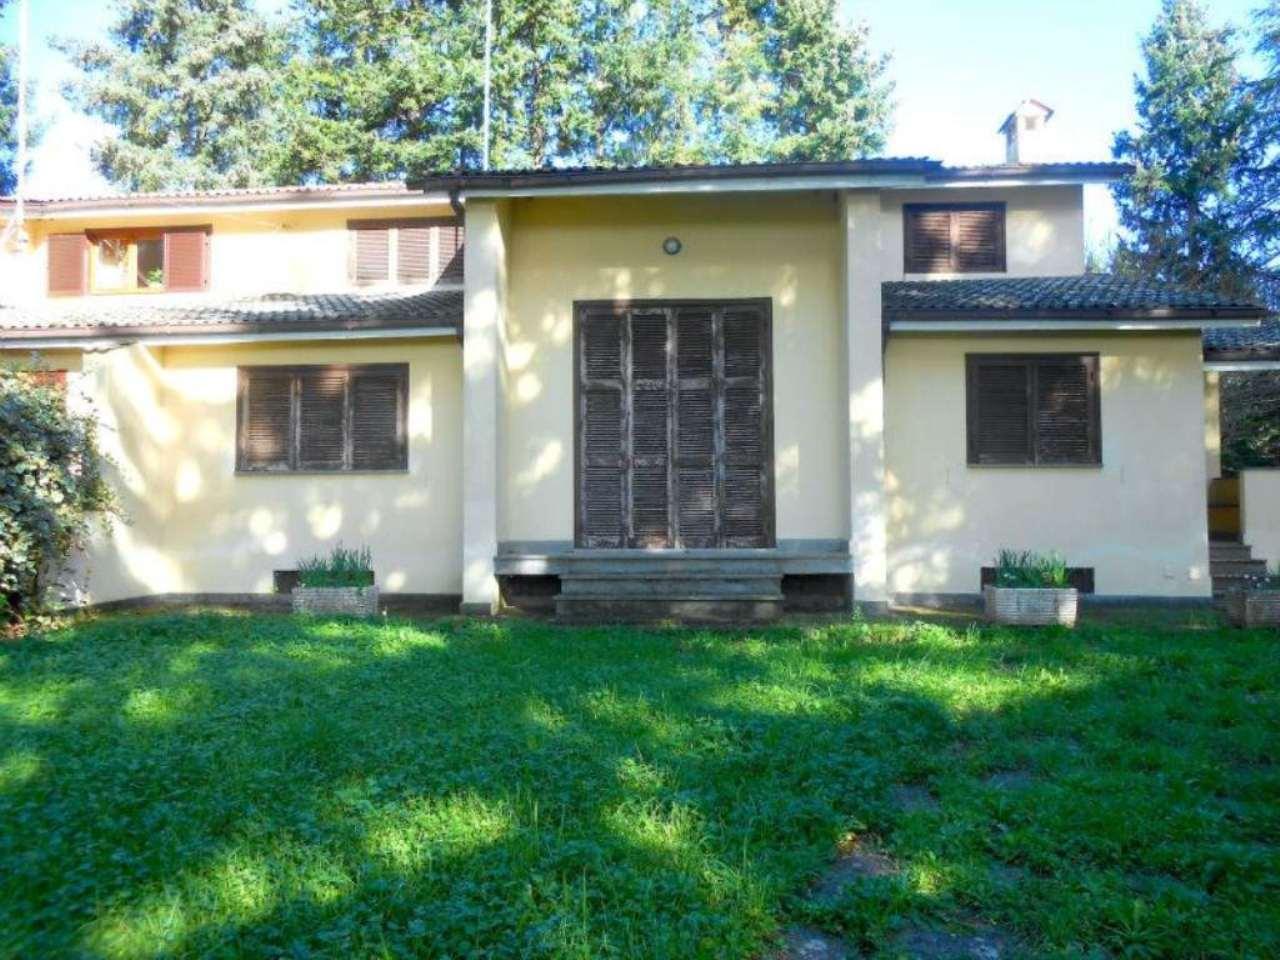 Villa in vendita a Manziana, 4 locali, prezzo € 315.000 | Cambio Casa.it